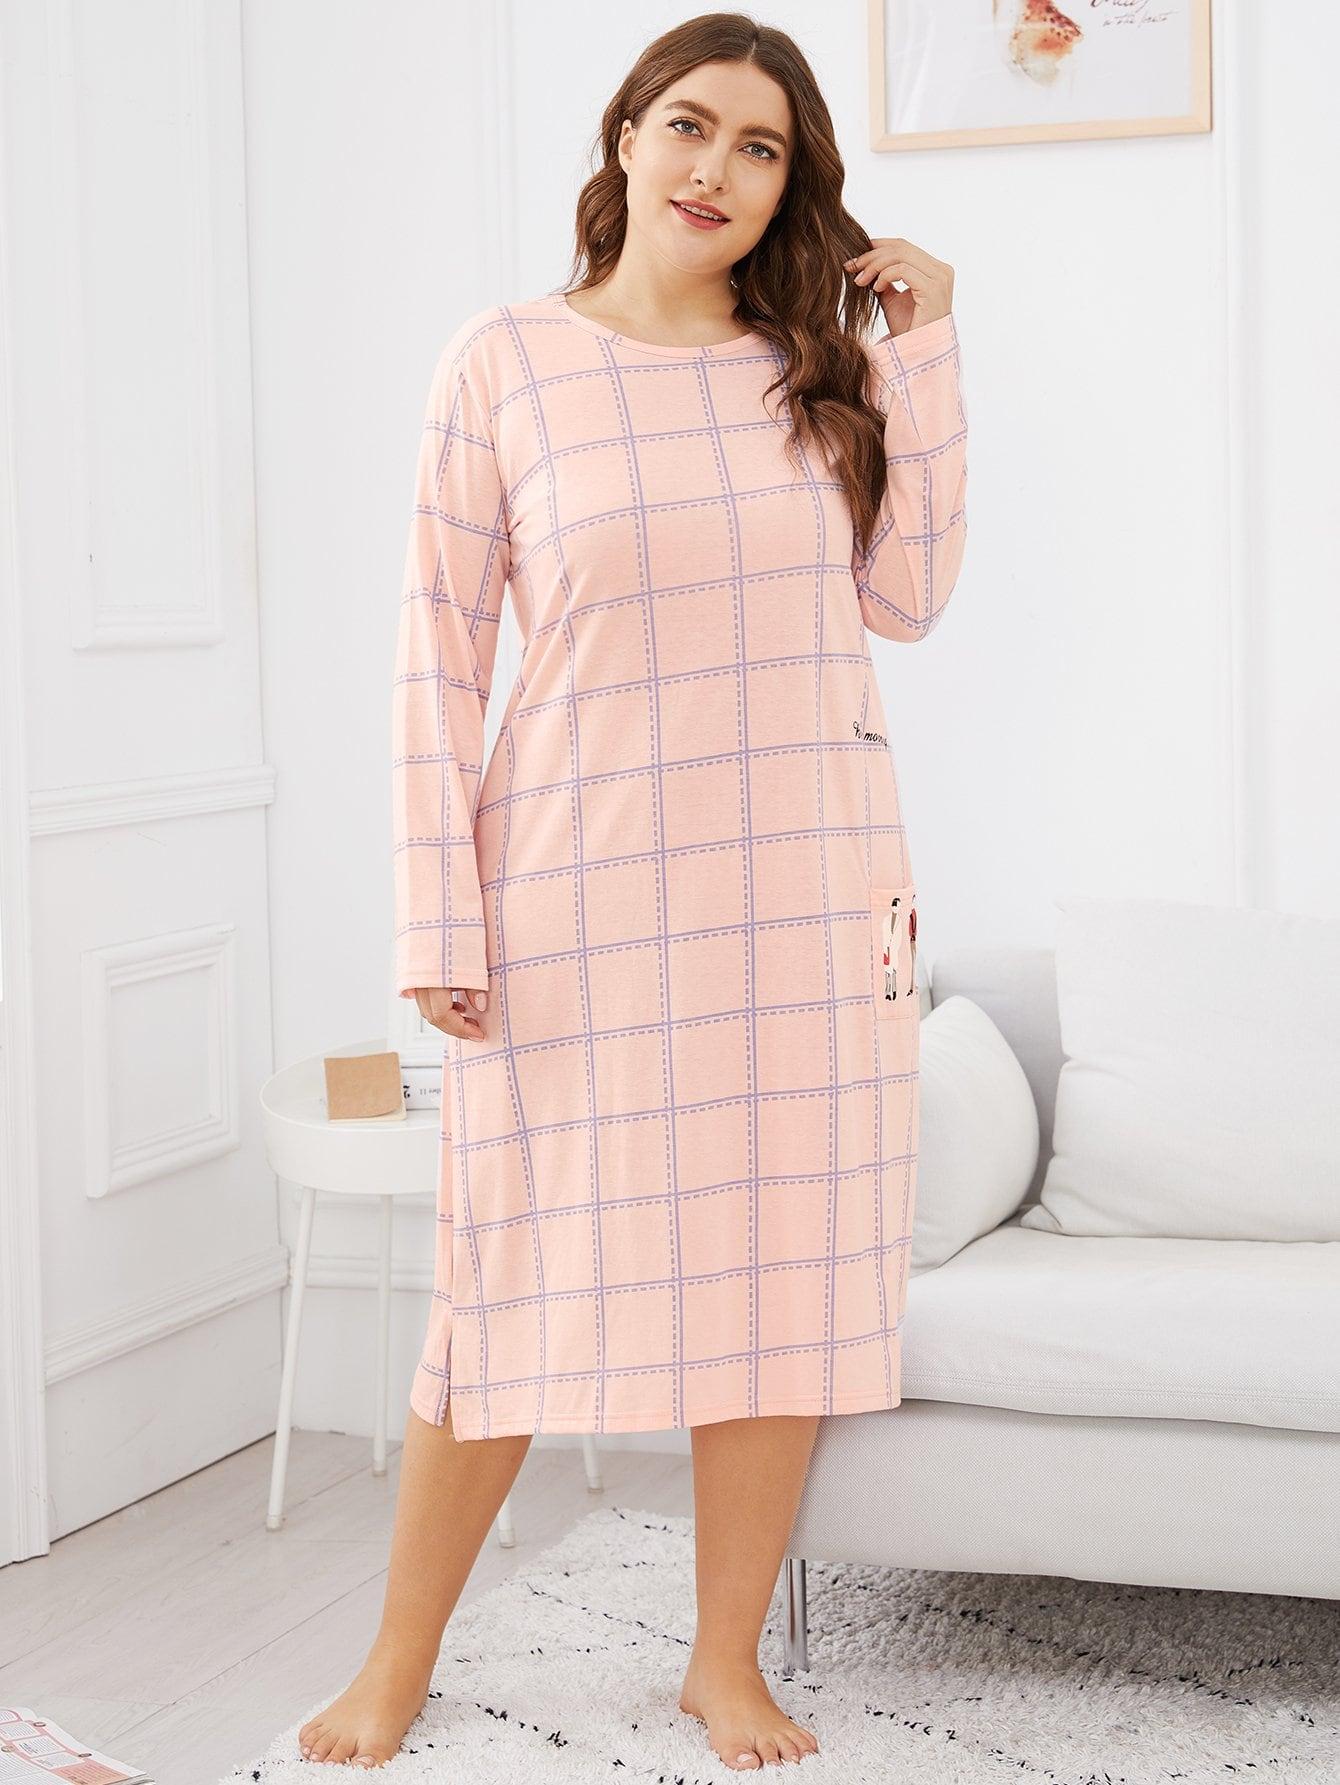 Купить Большая ночная сорочка в клетку с принтос фигуры, Franziska, SheIn